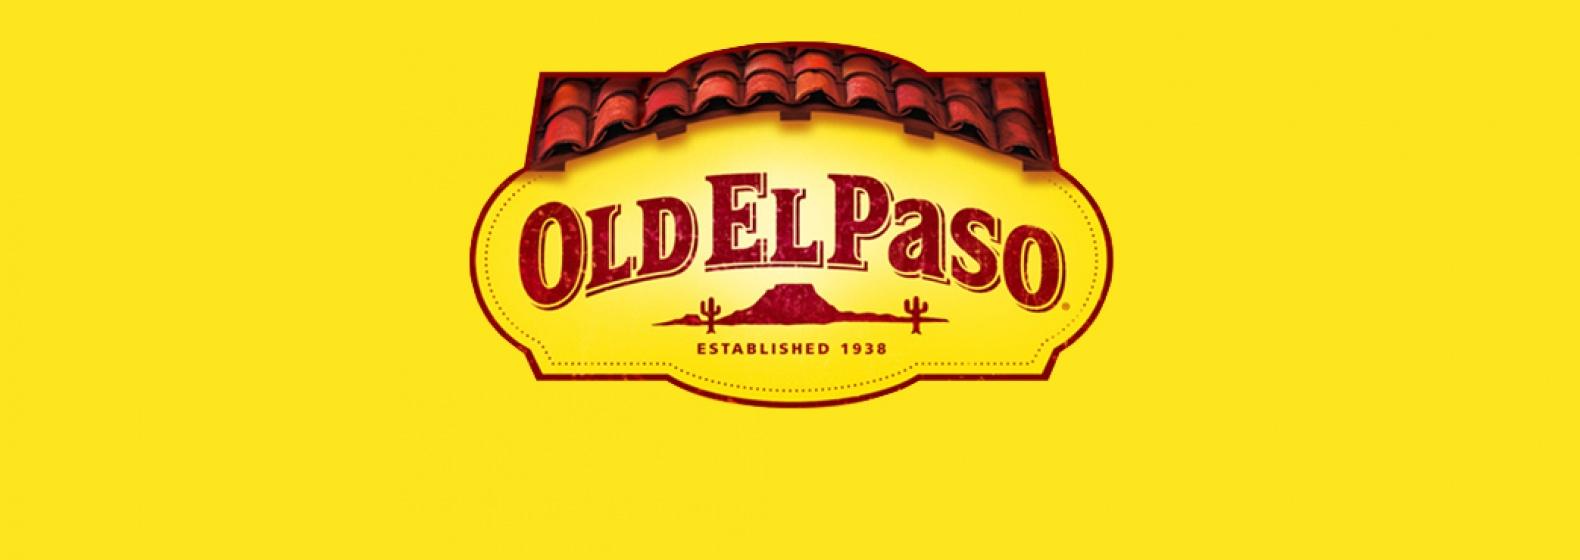 old-el-paso-v2r.jpg